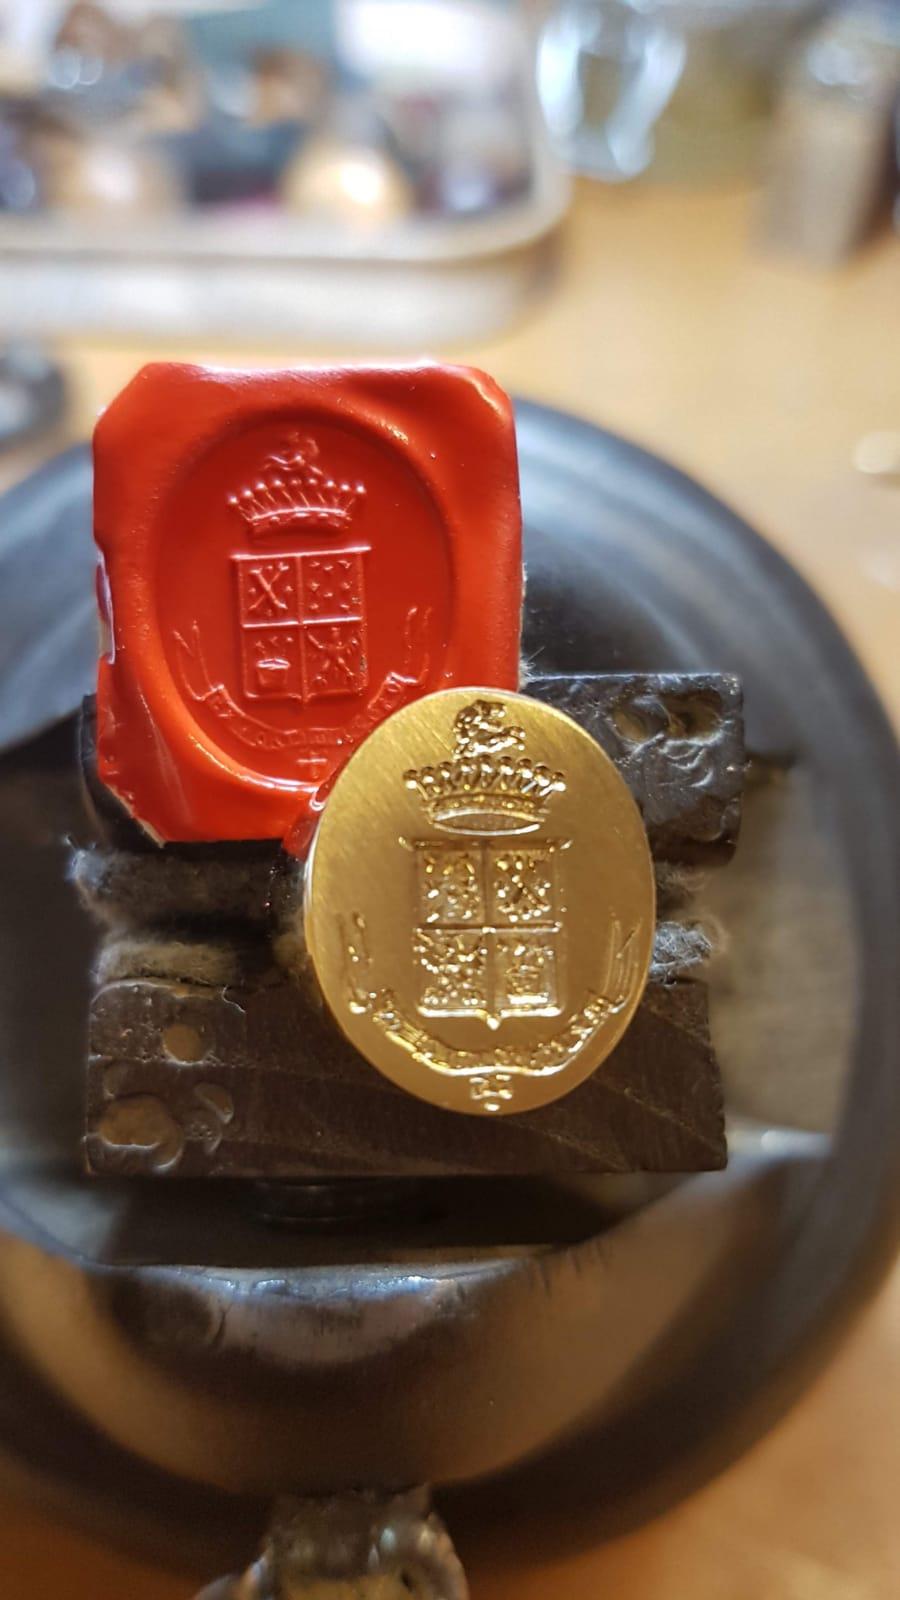 Anello con stemma araldico incisioni creazioni argento roma di Otello Santucci